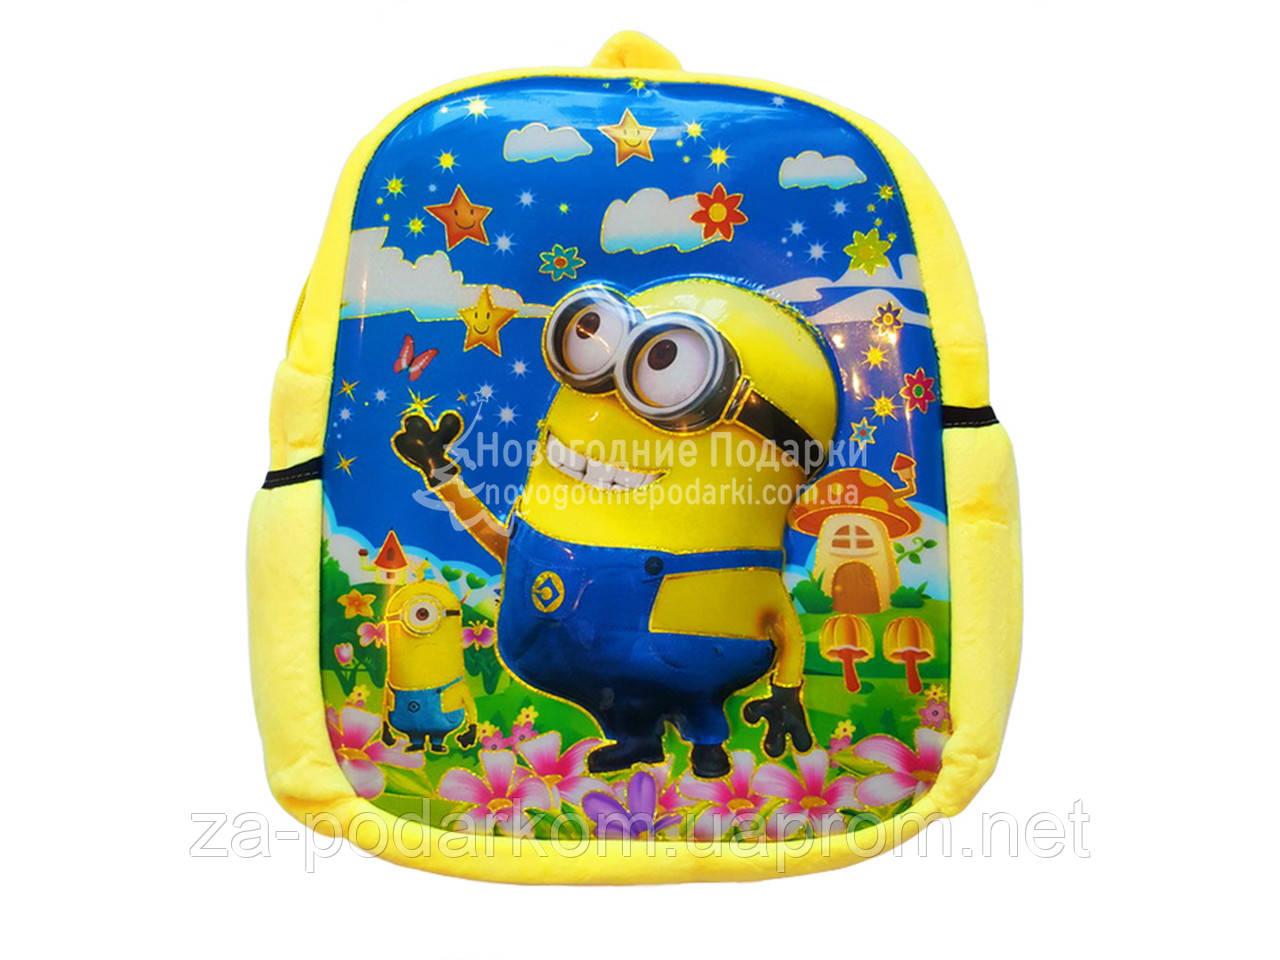 Дитячий Новорічний подарунок Фірмовий у рюкзаку в асортименті